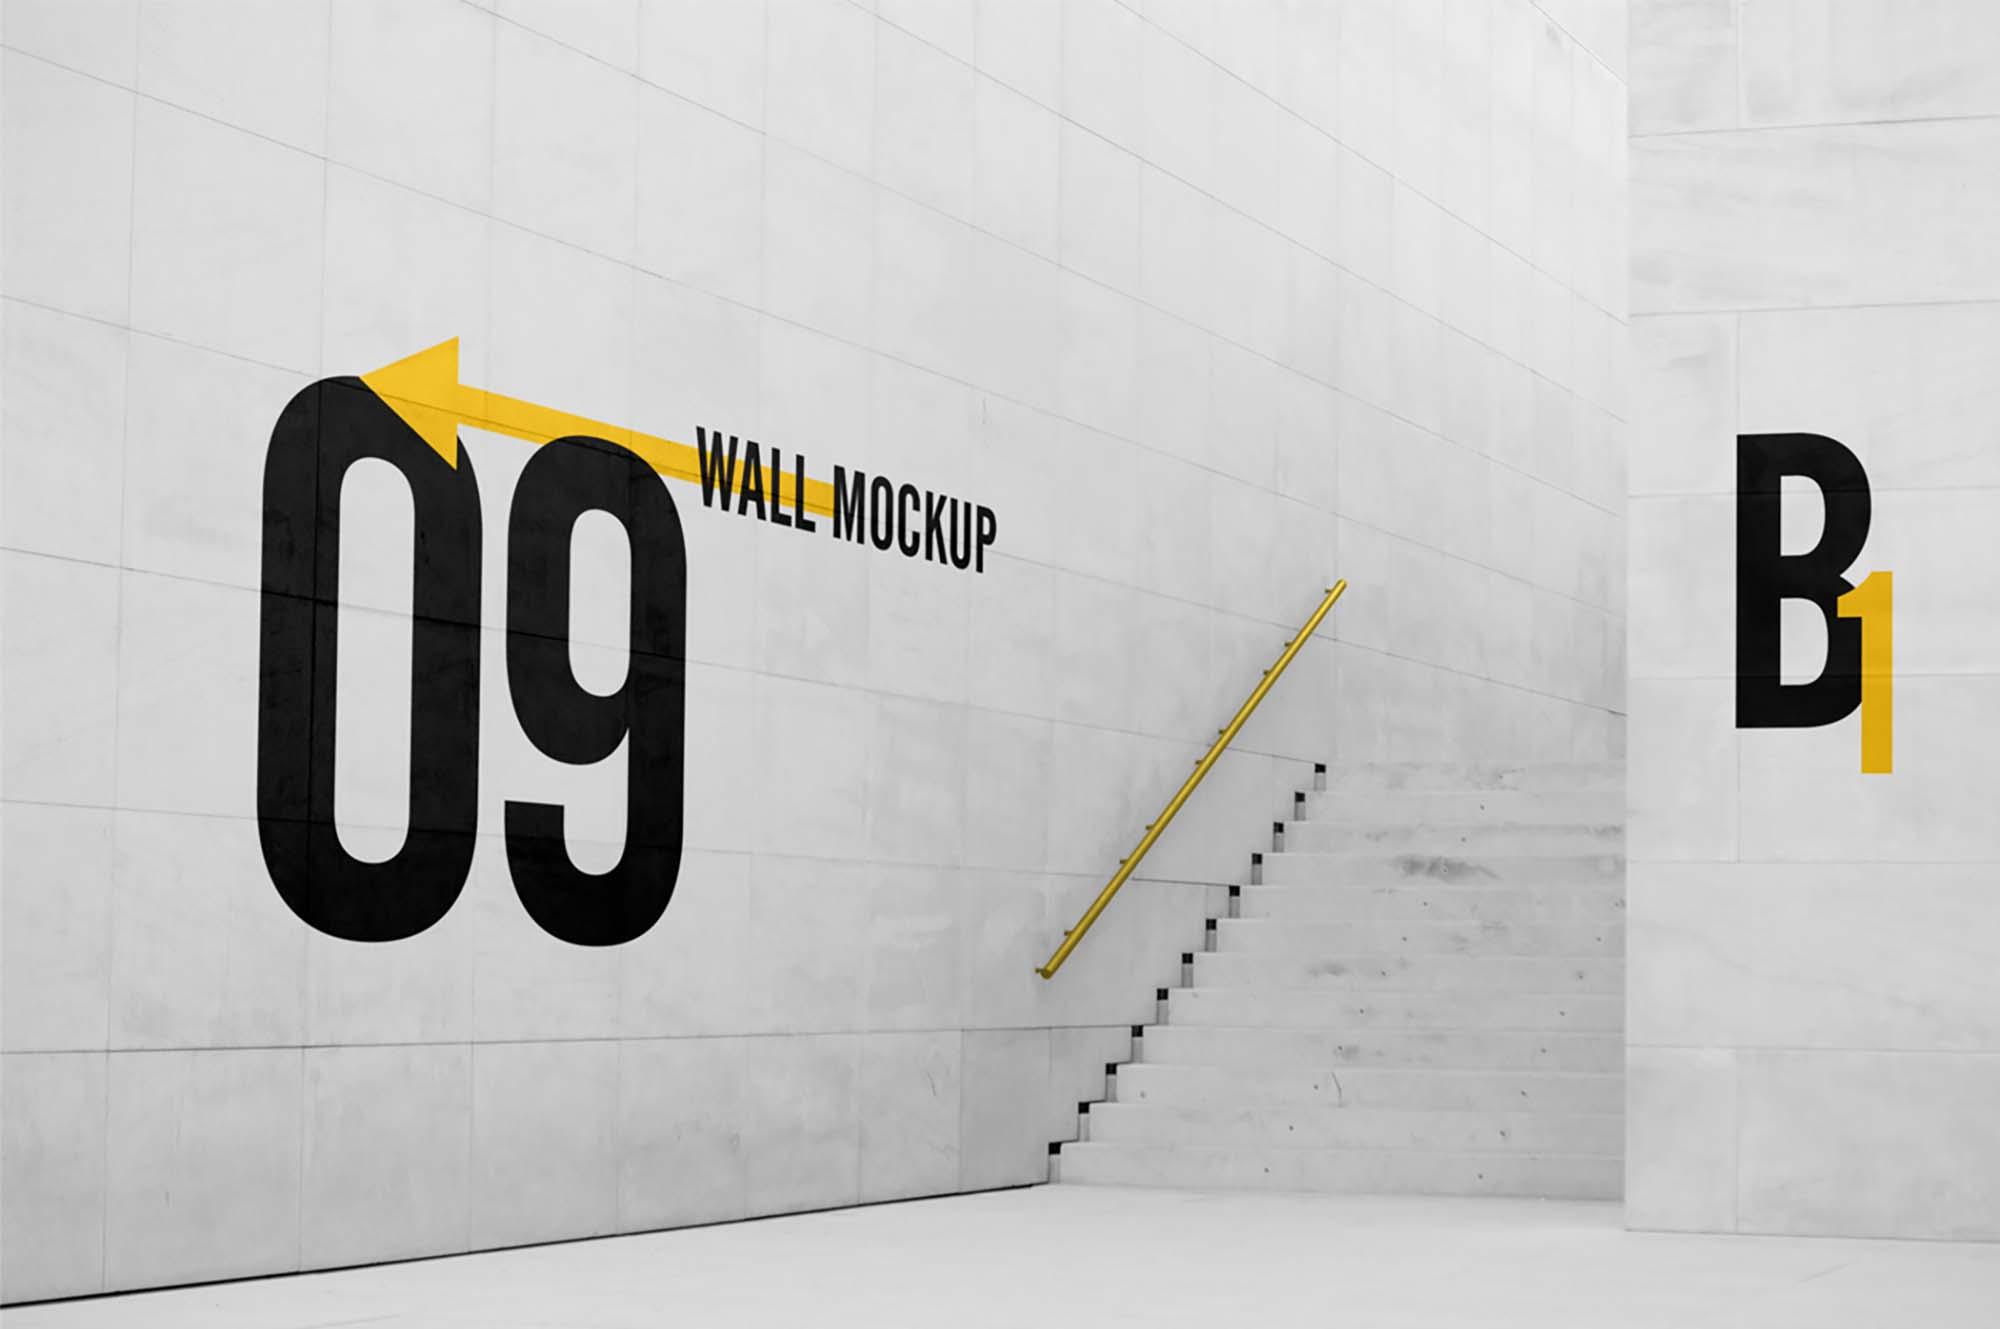 Big Wall Mockup